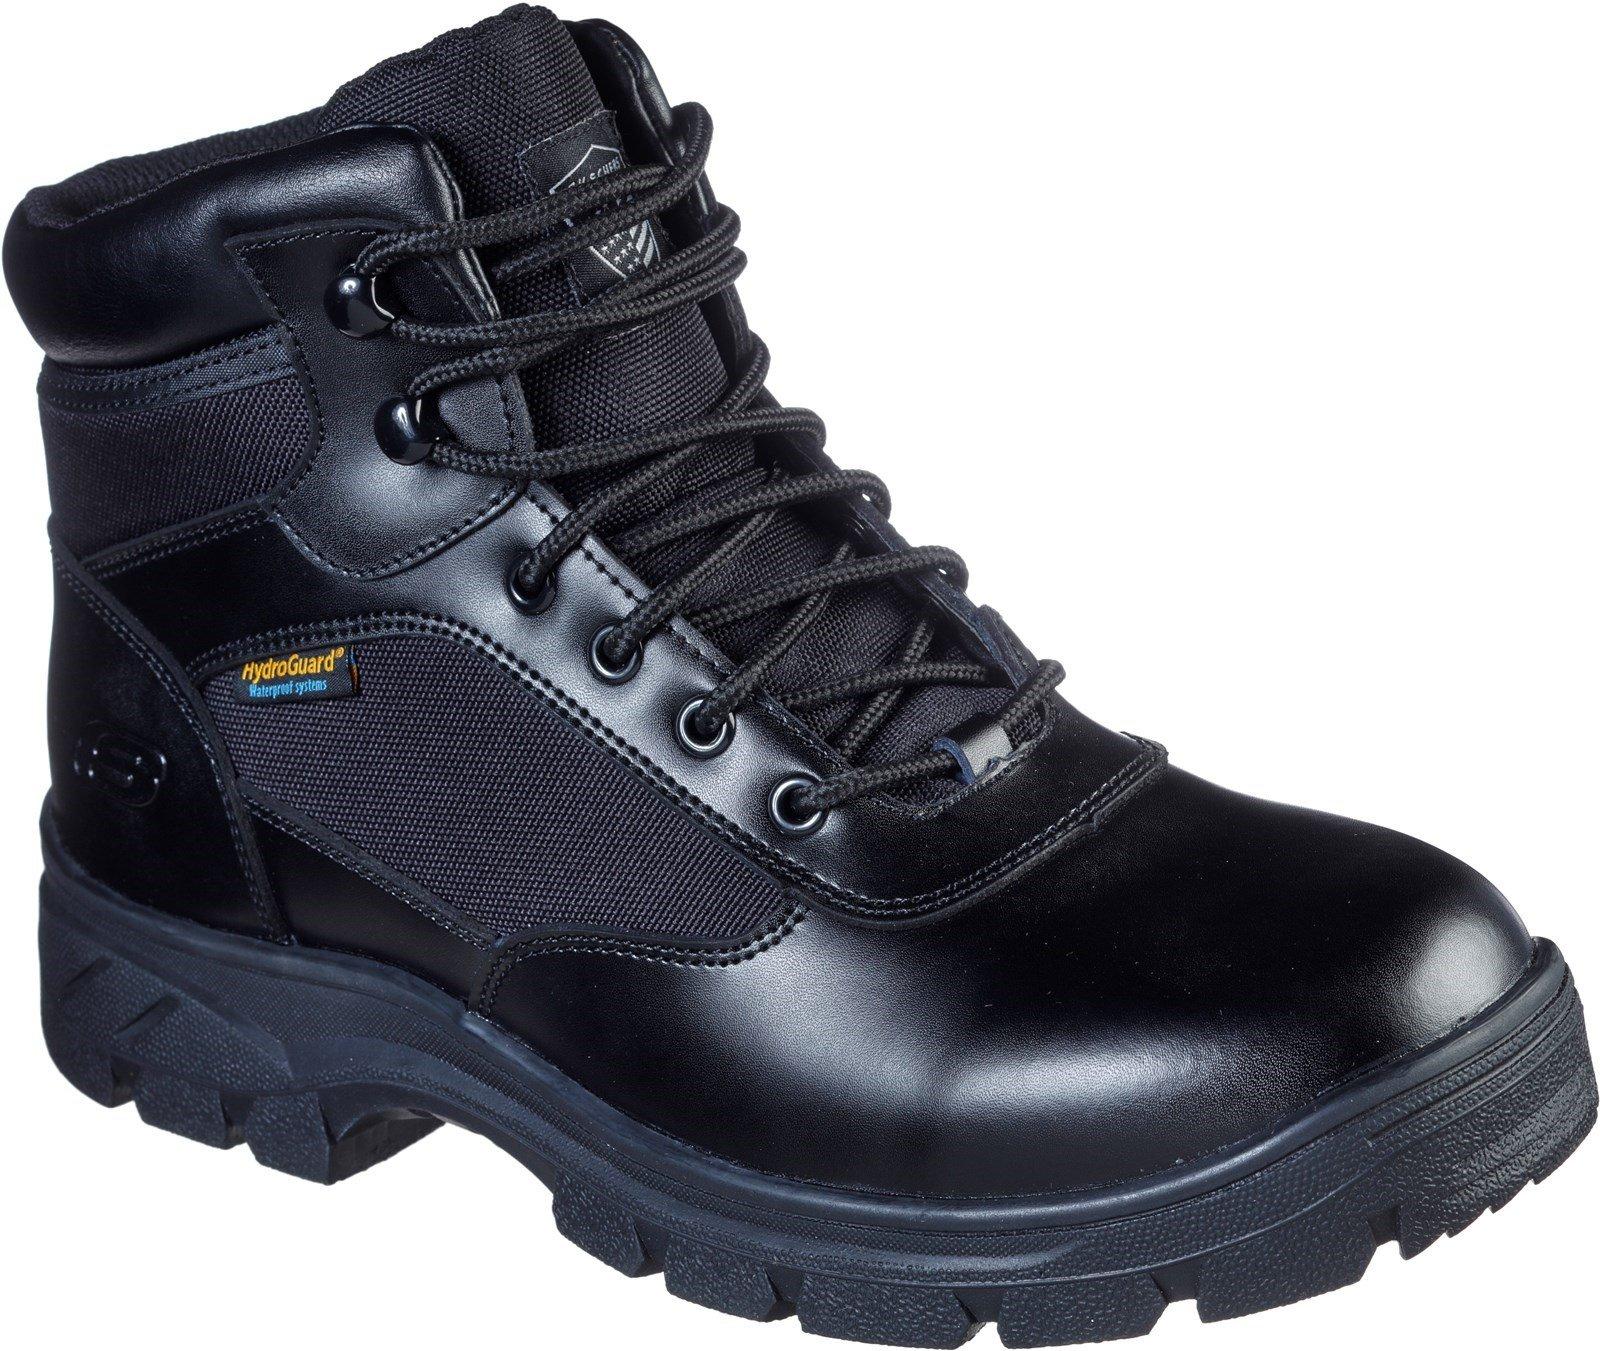 Skechers Unisex Wascana Benen Waterproof Tactical Boot Black 31727 - Black 6